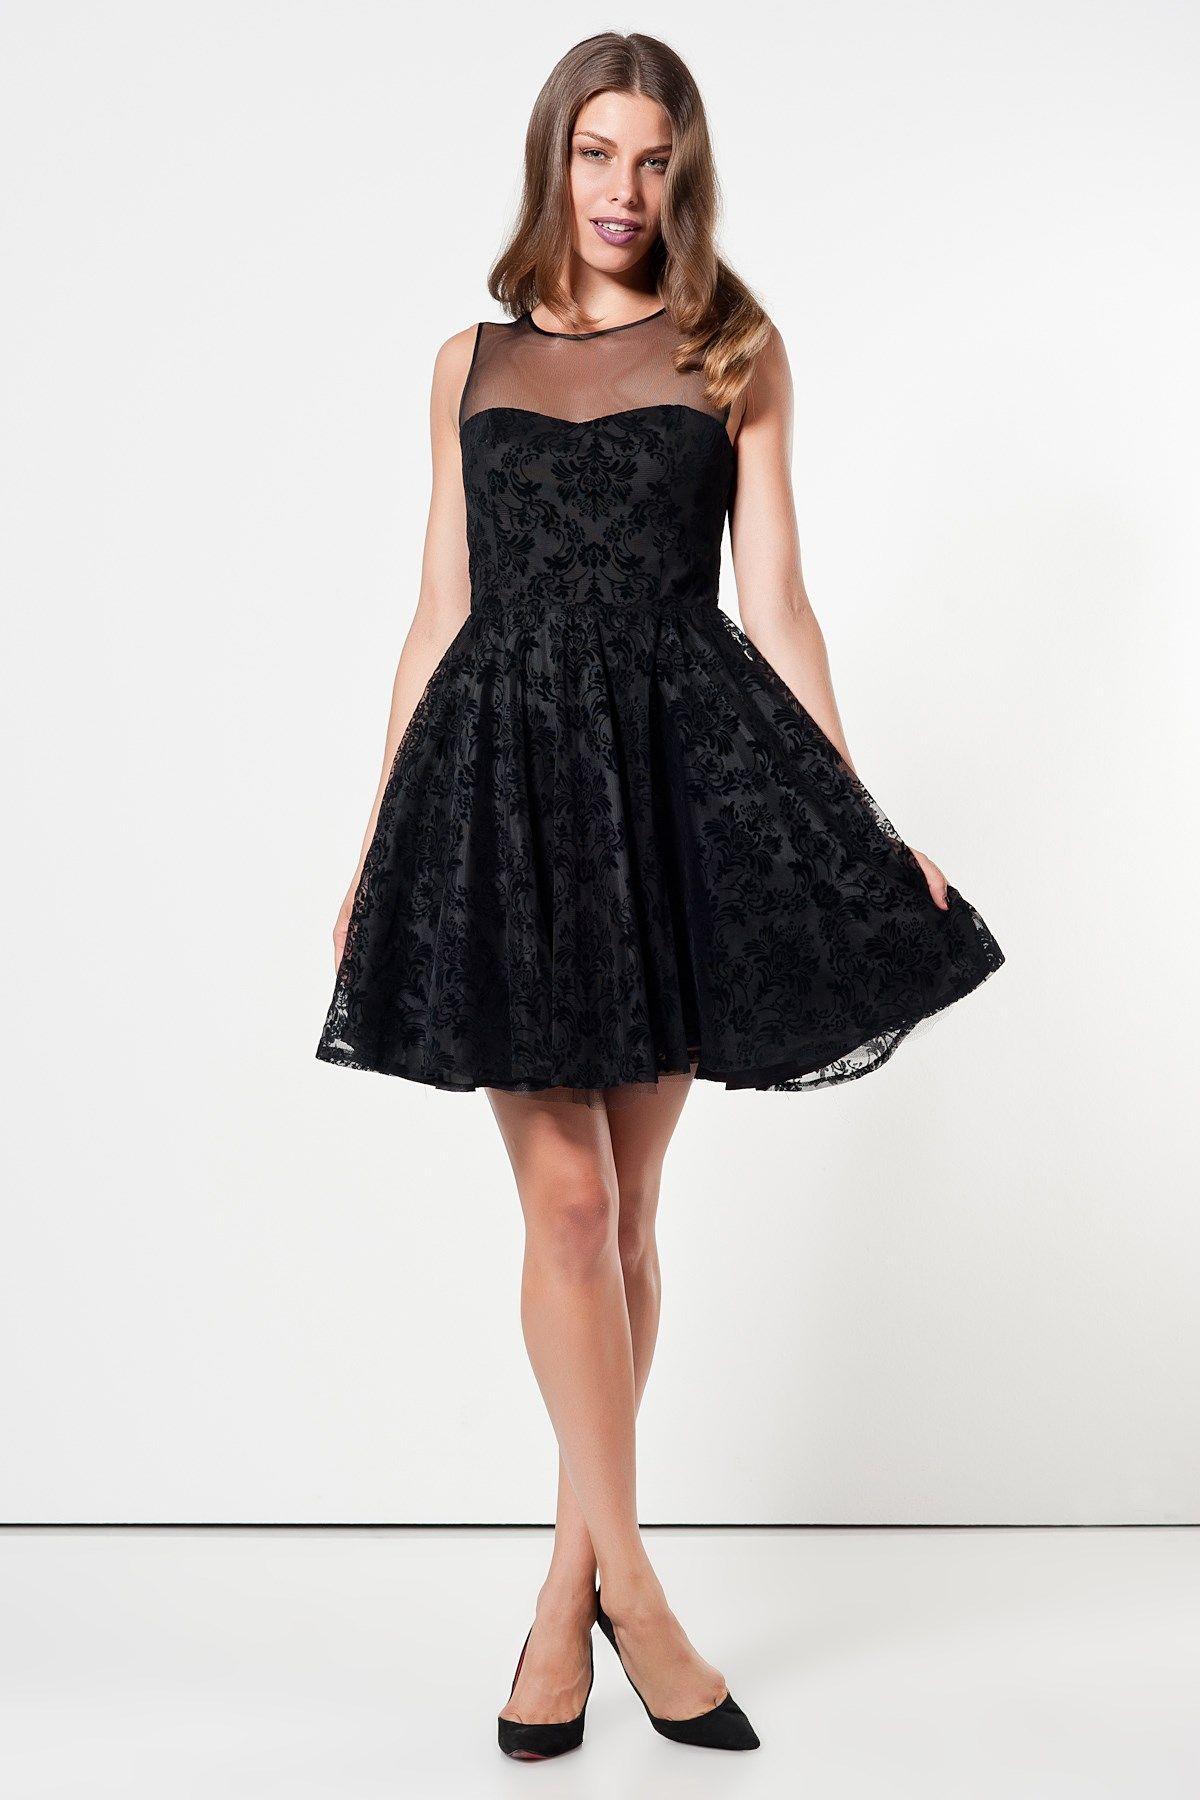 02858e3786572 trendyol elbise modelleri | abiyemodelleri2016.com | Pinterest - photo#4